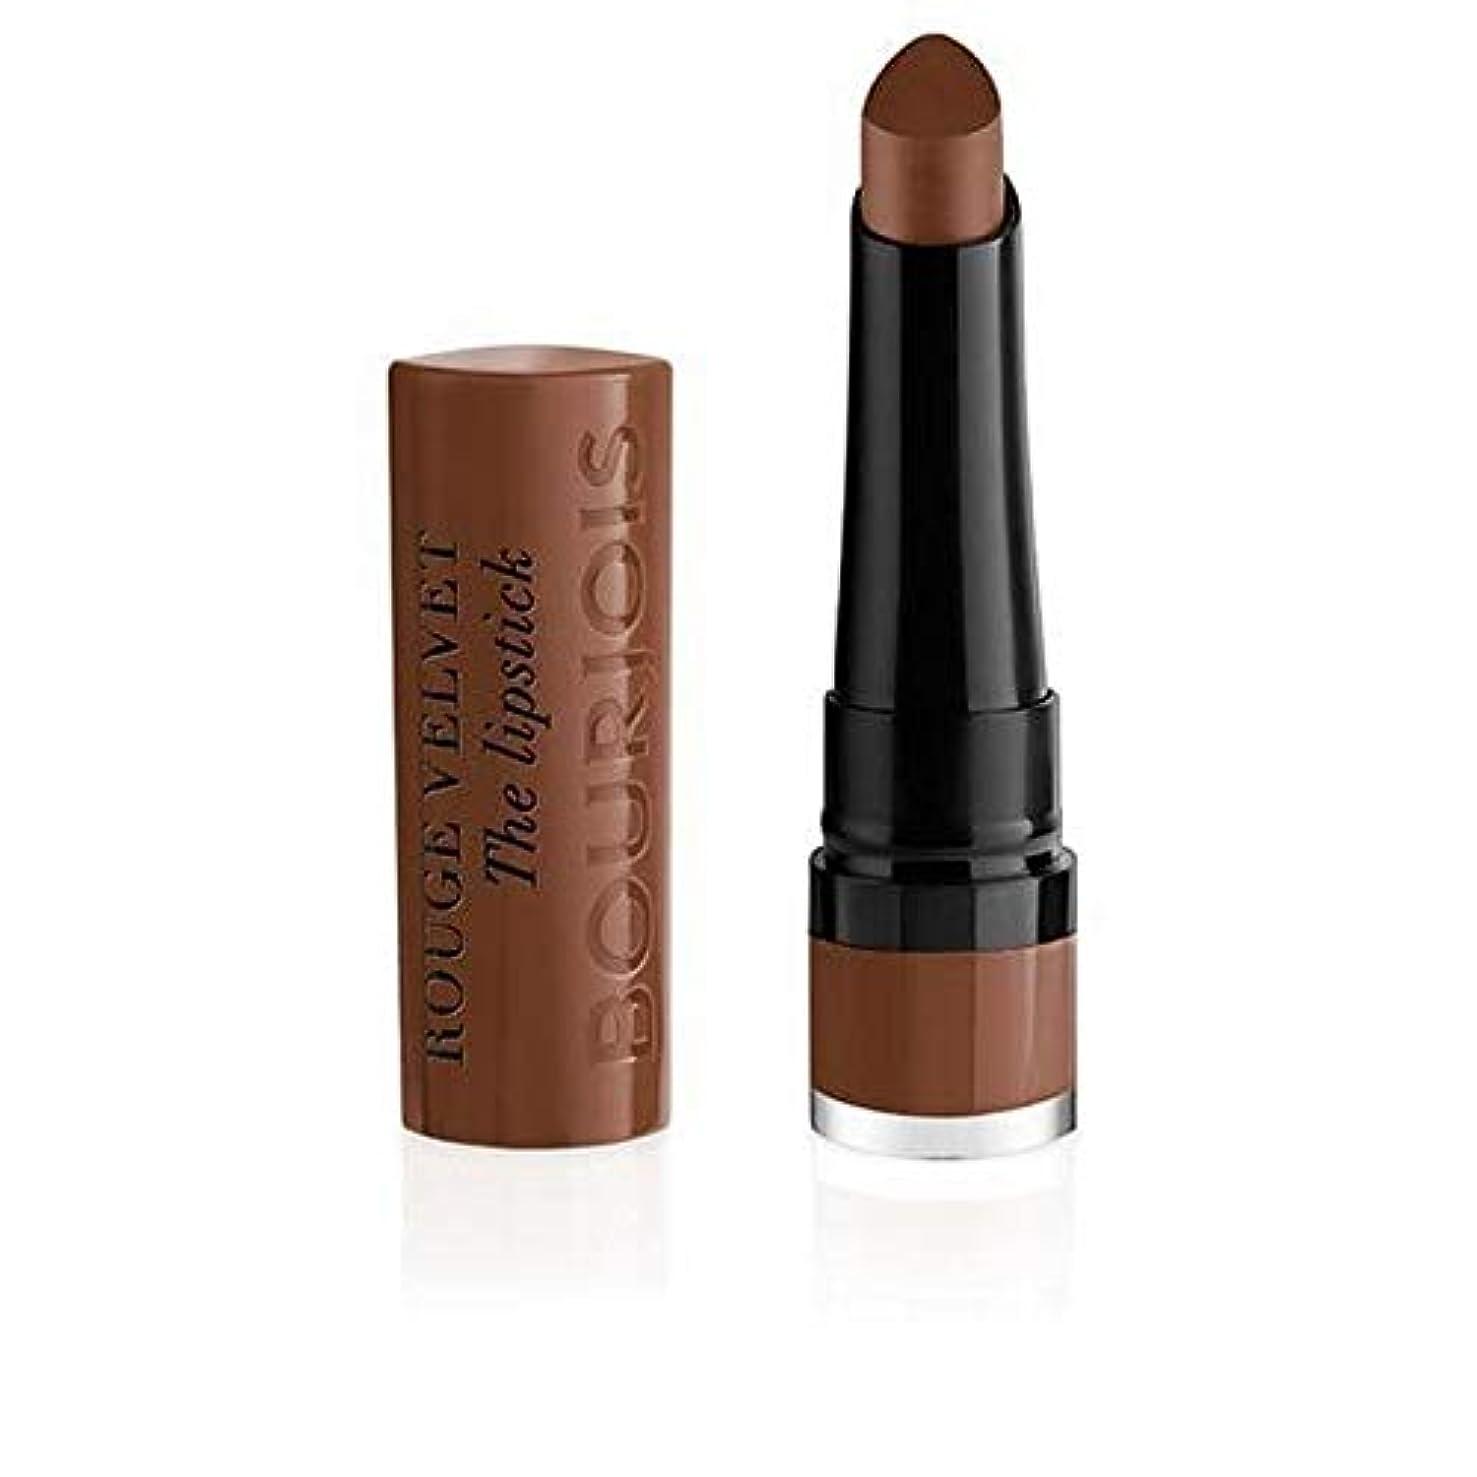 スラックそよ風誰でも[Bourjois ] ブルジョワルージュのベルベット口紅 - Brownette 14 - Bourjois Rouge Velvet The Lipstick - Brownette 14 [並行輸入品]